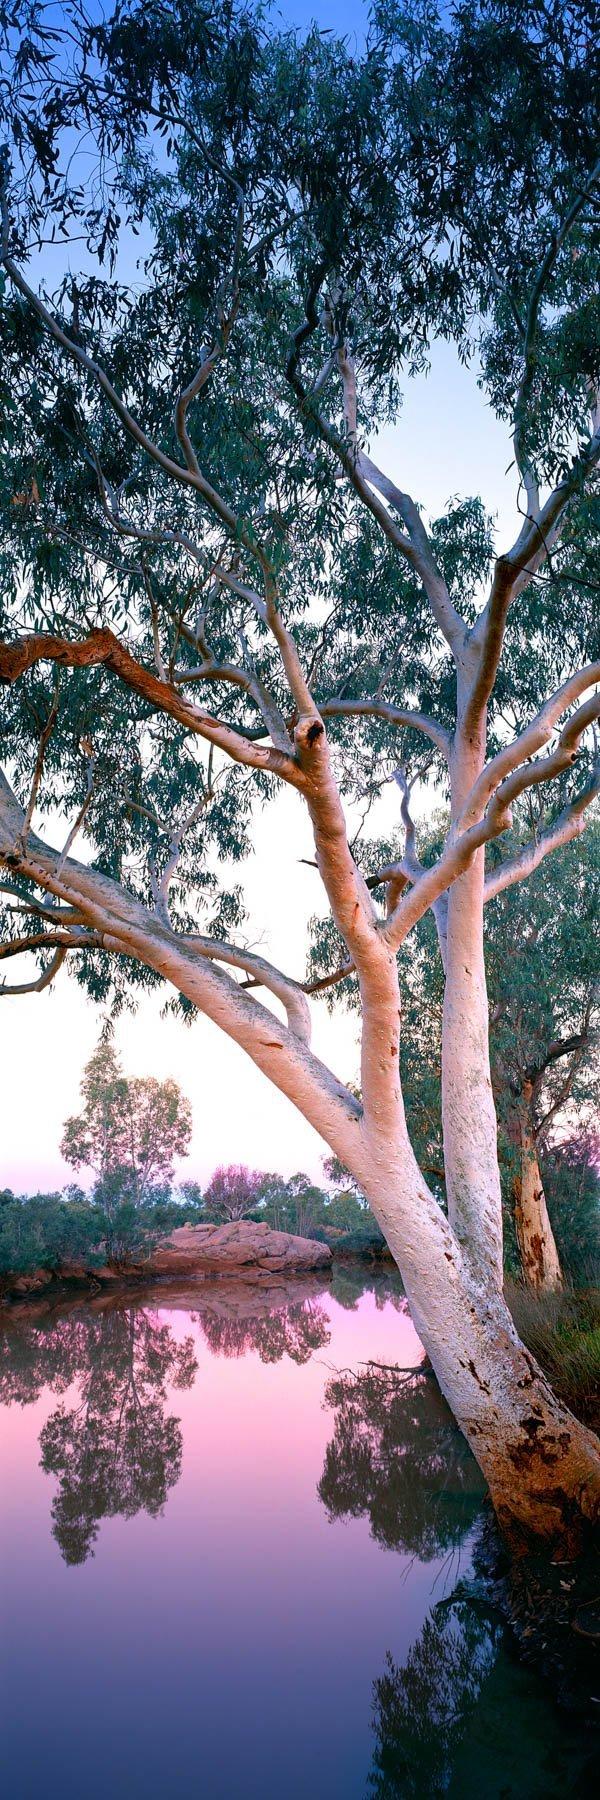 A peaceful pastel sunset over river gums beside a billabong, NT, Australia.